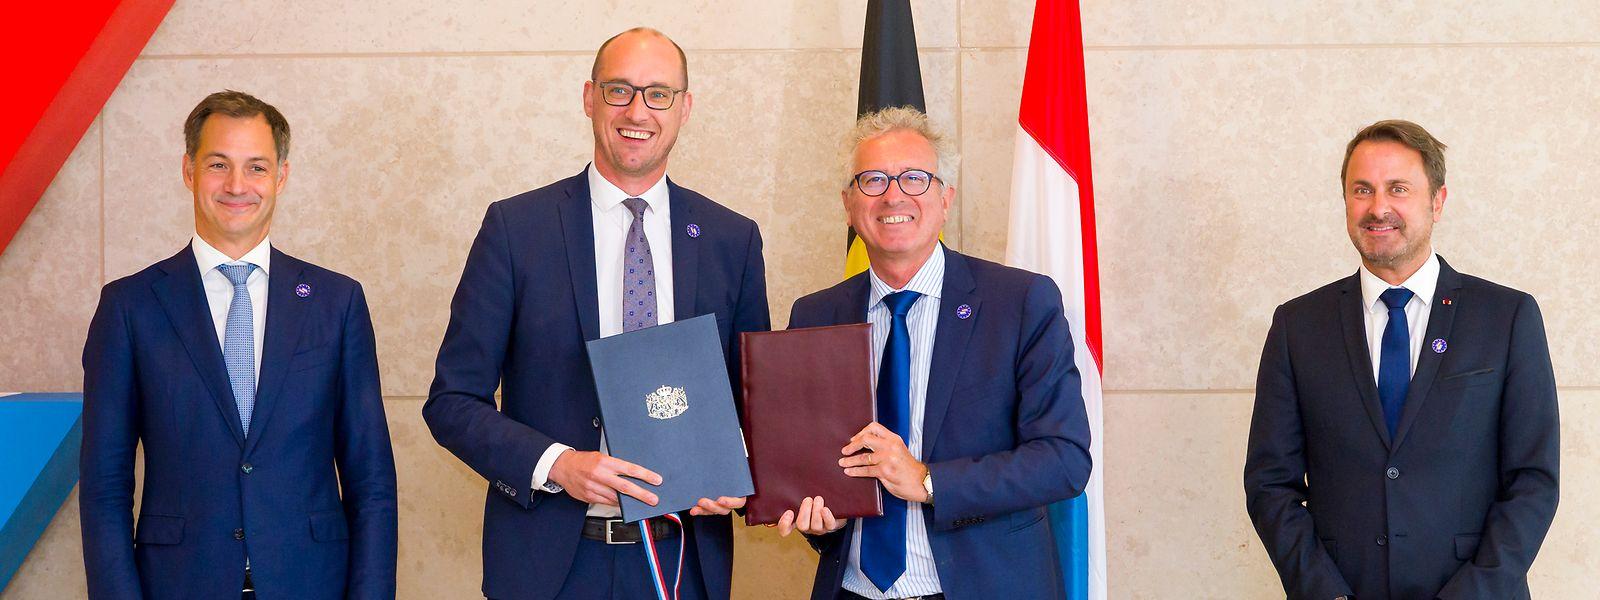 Moins d'un mois après l'accord entre Vincent Van Peteghem et Pierre Gramegna sur le passage de 24 à 34 jours du nombre légal de jours de télétravail pour les frontaliers belges, les deux gouvernements prolongent l'exception actuelle jusqu'au 31 décembre.